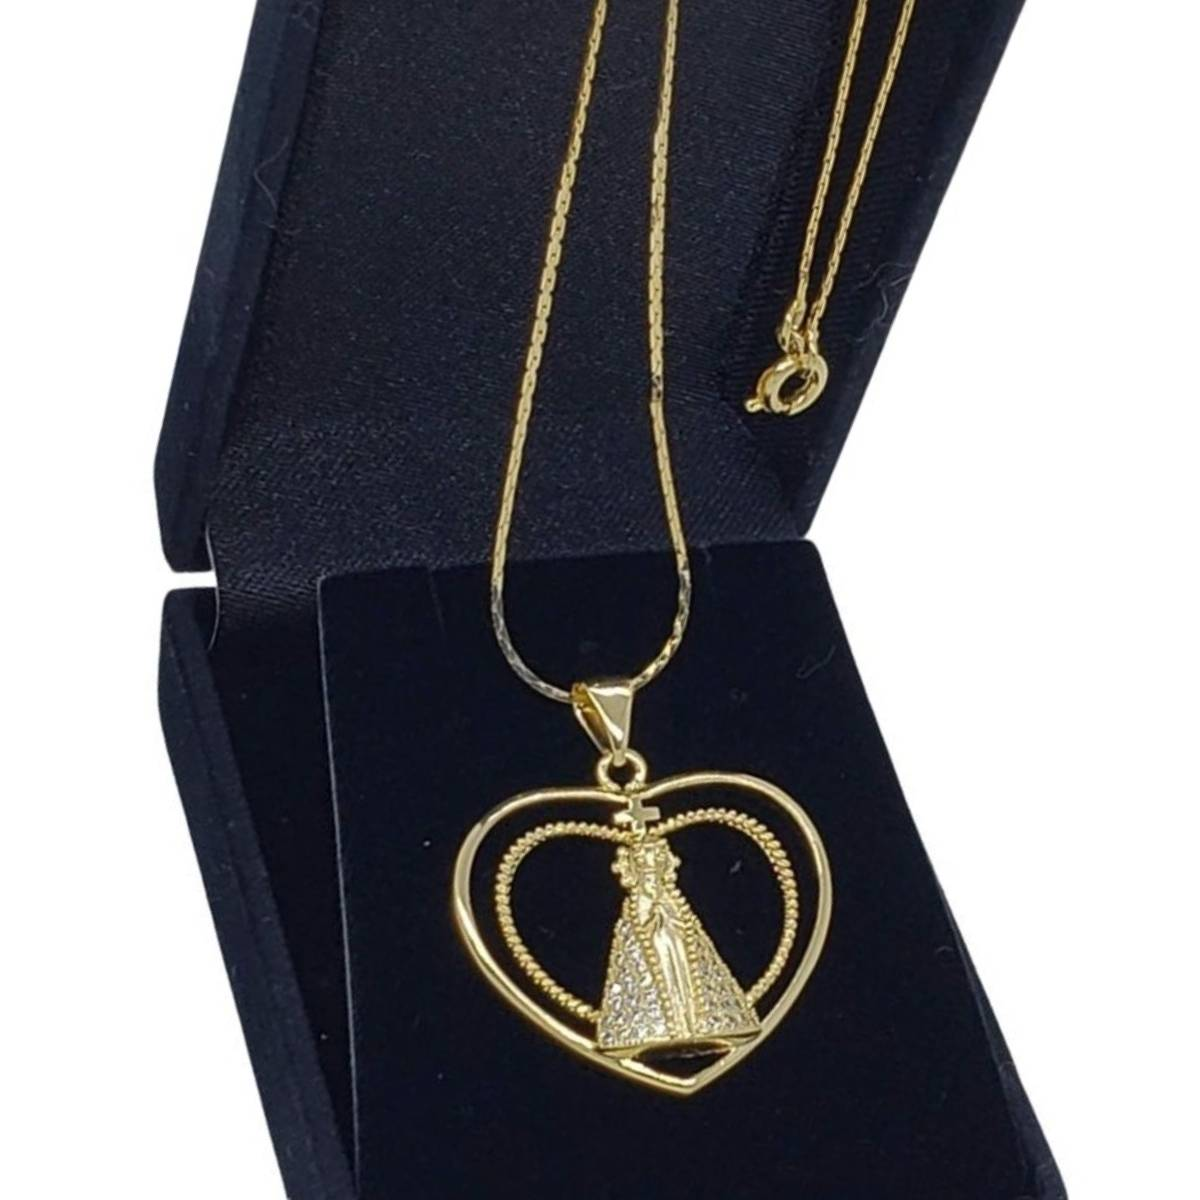 Colar Coração Nossa Senhora Aparecida Cravejado De Zirconias Cristal Banho De Ouro 18k 1849